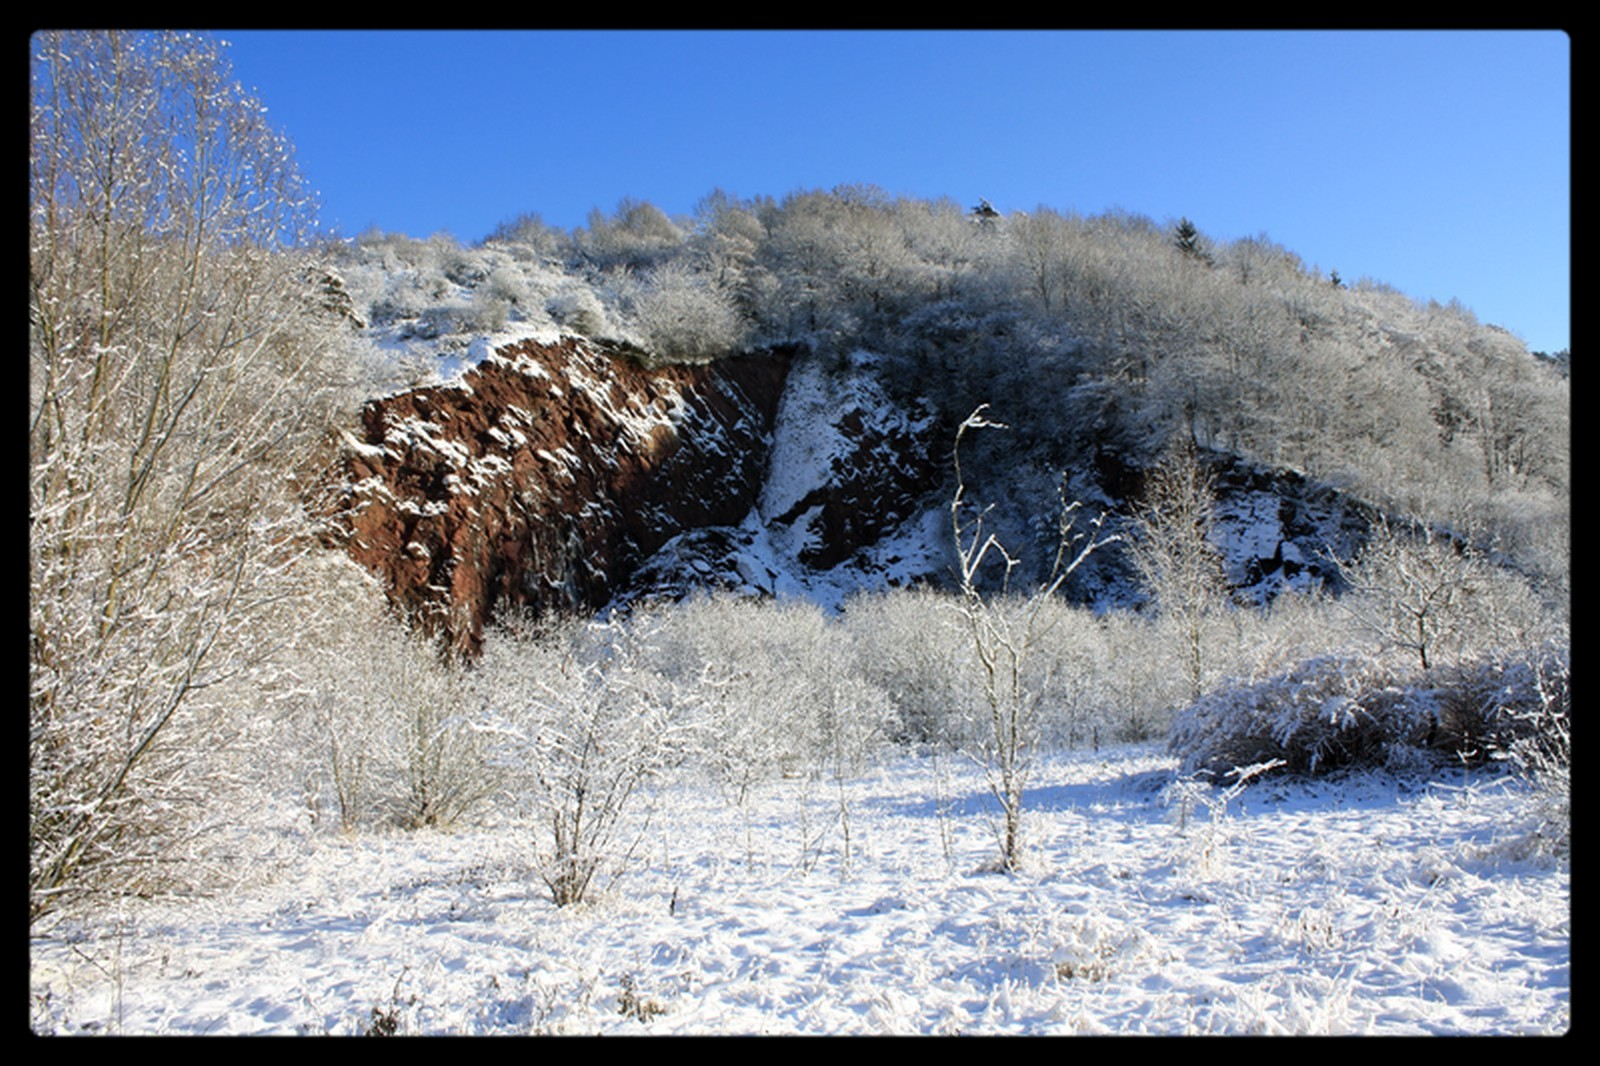 ancienne carriere sous le soleil et la neige